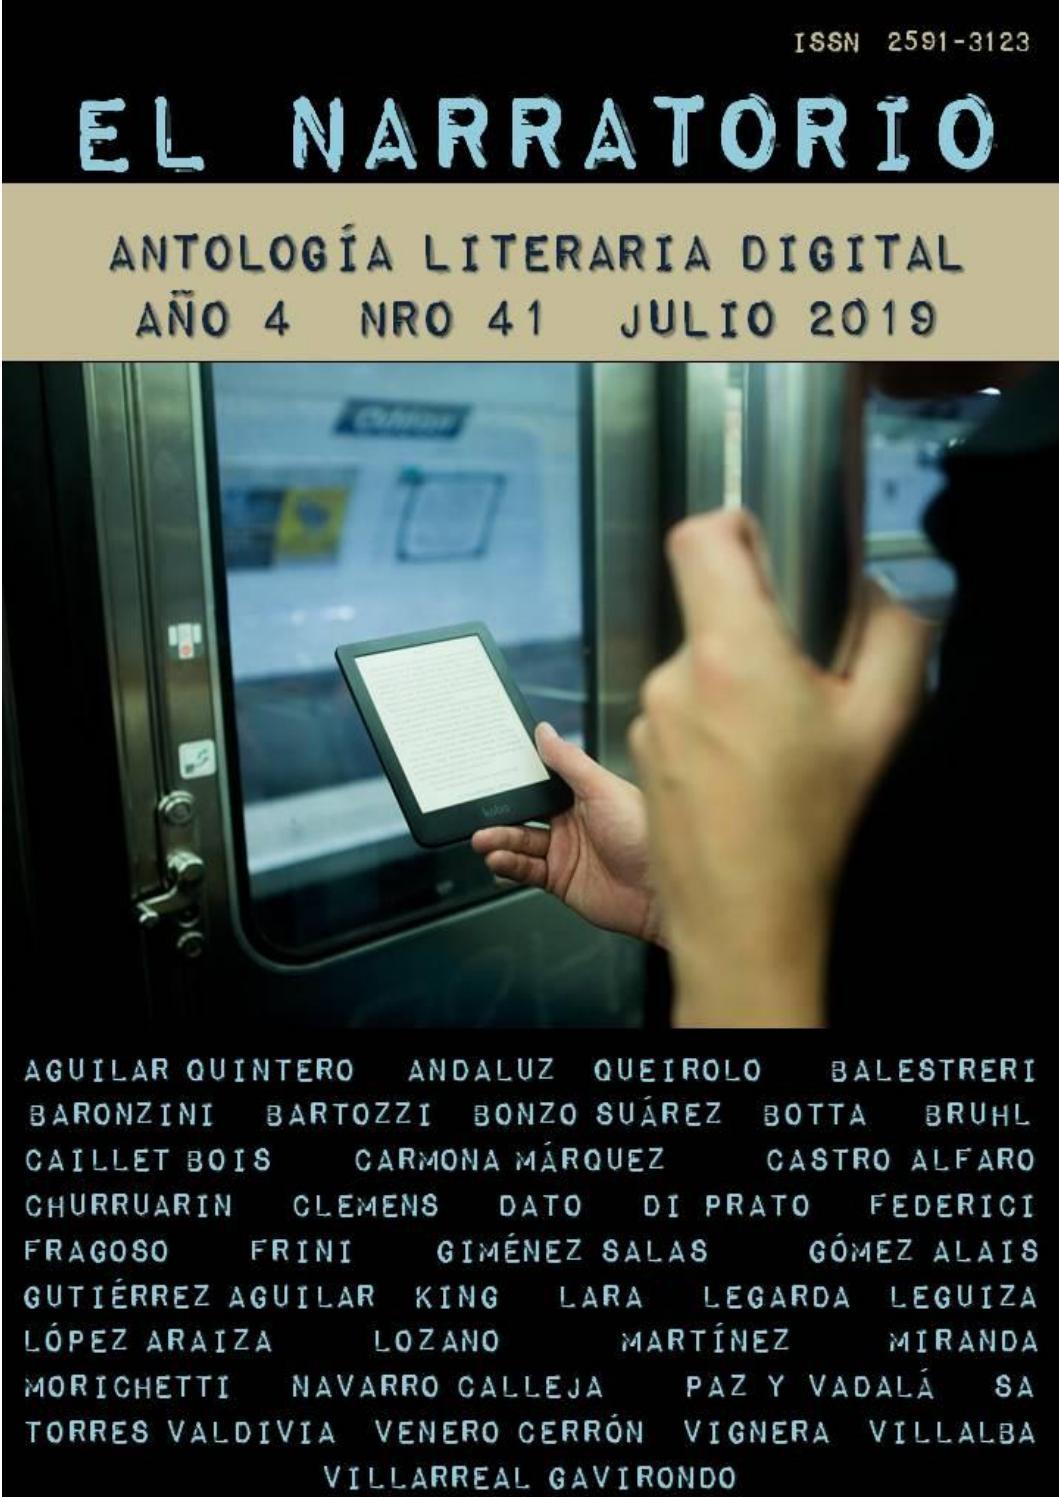 ddee35ac9414 EL NARRATORIO ANTOLOGÍA LITERARIA DIGITAL NRO 41 JULIO 2019 by EL ...